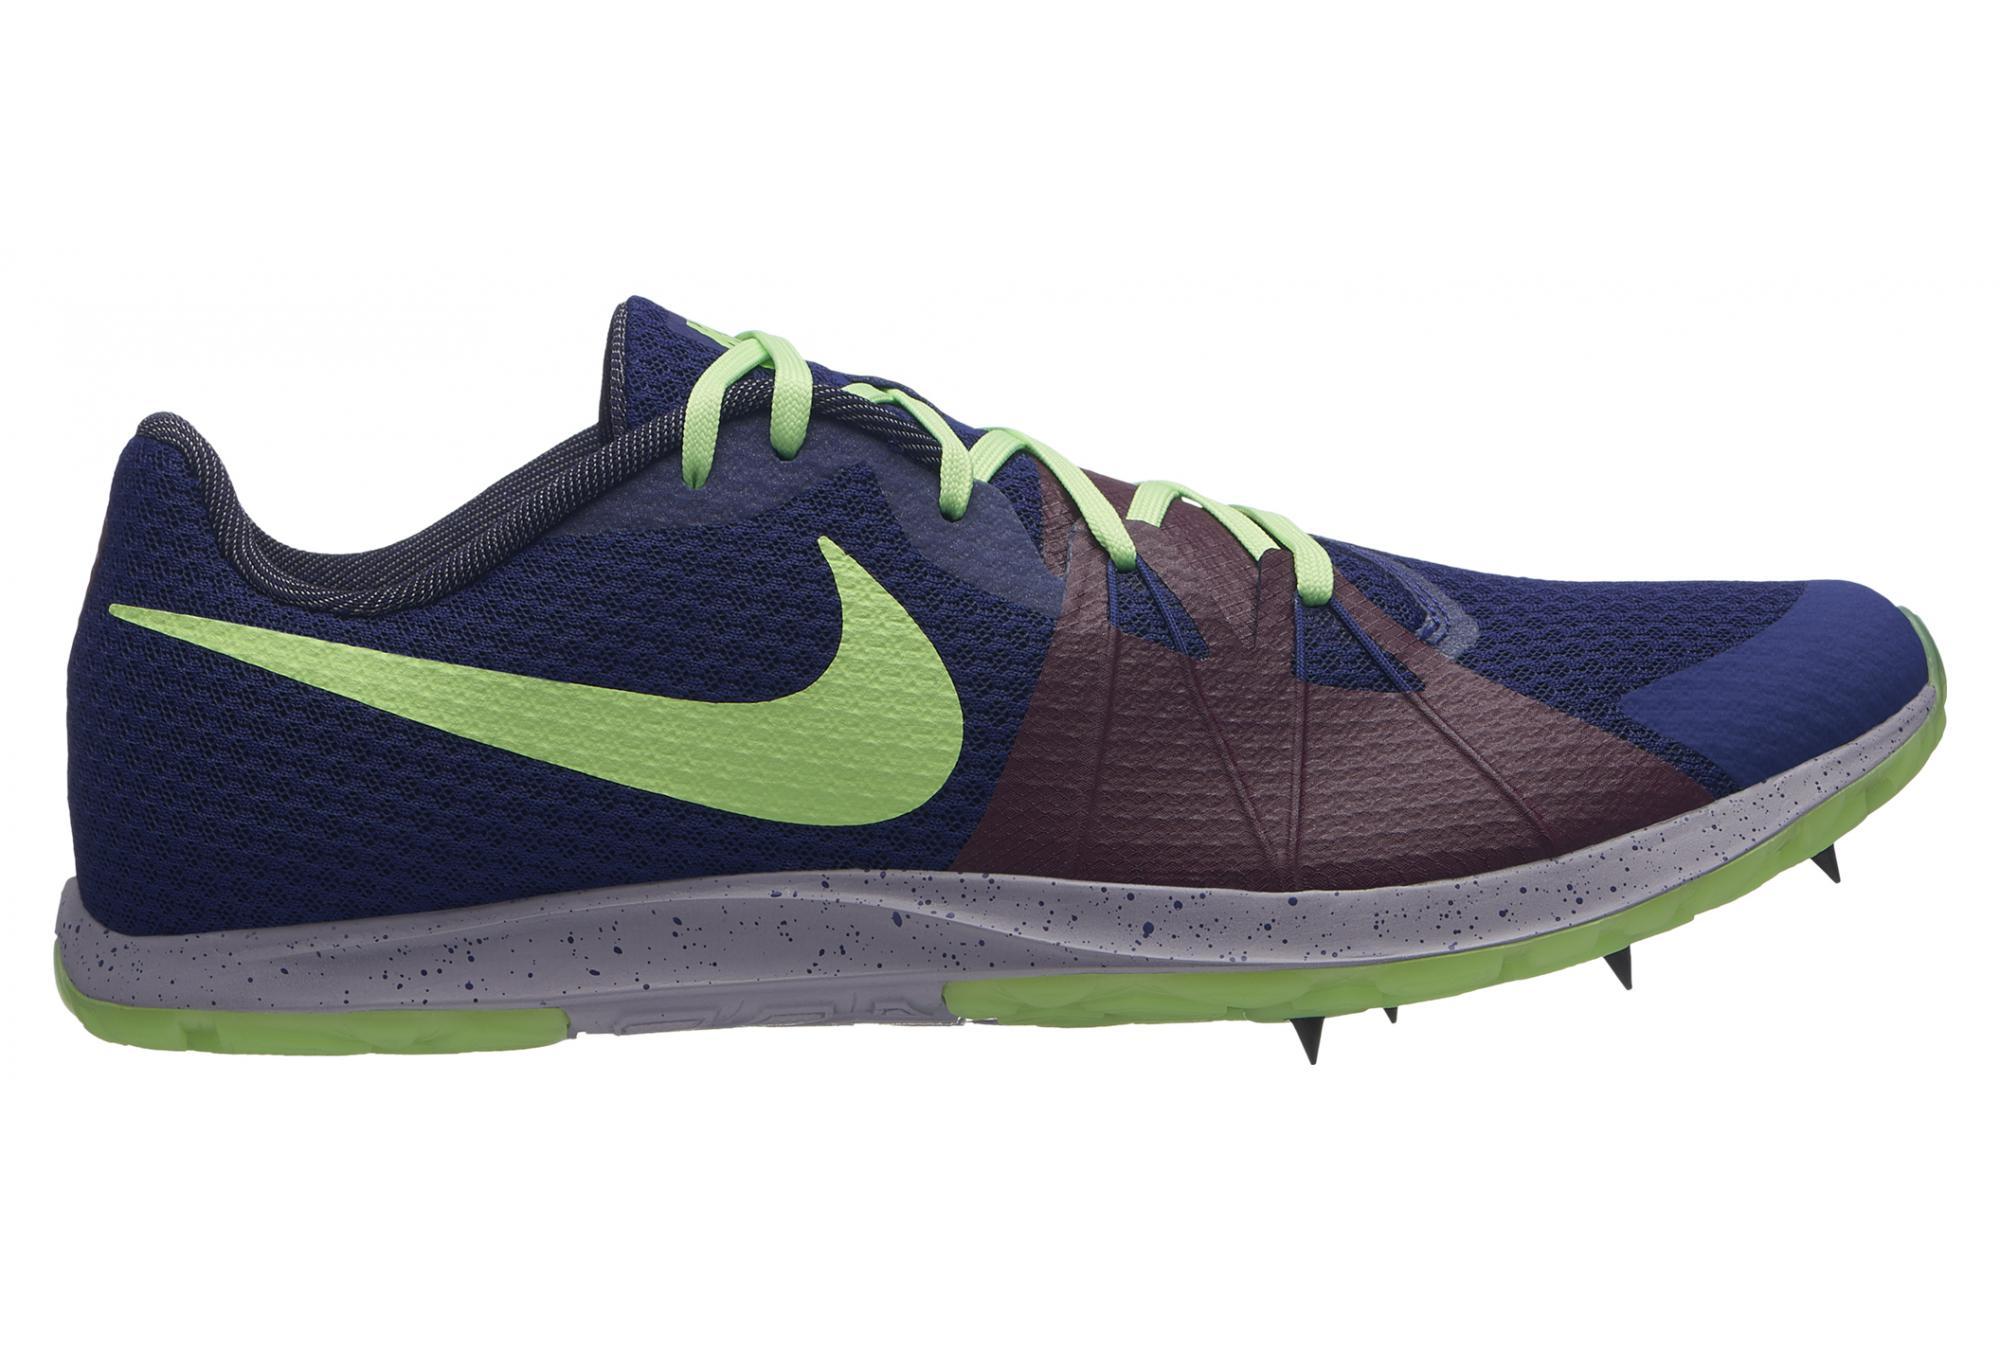 Bleu D'athlétisme Xc Zoom Vert Rival Chaussures Nike wZqFxvq